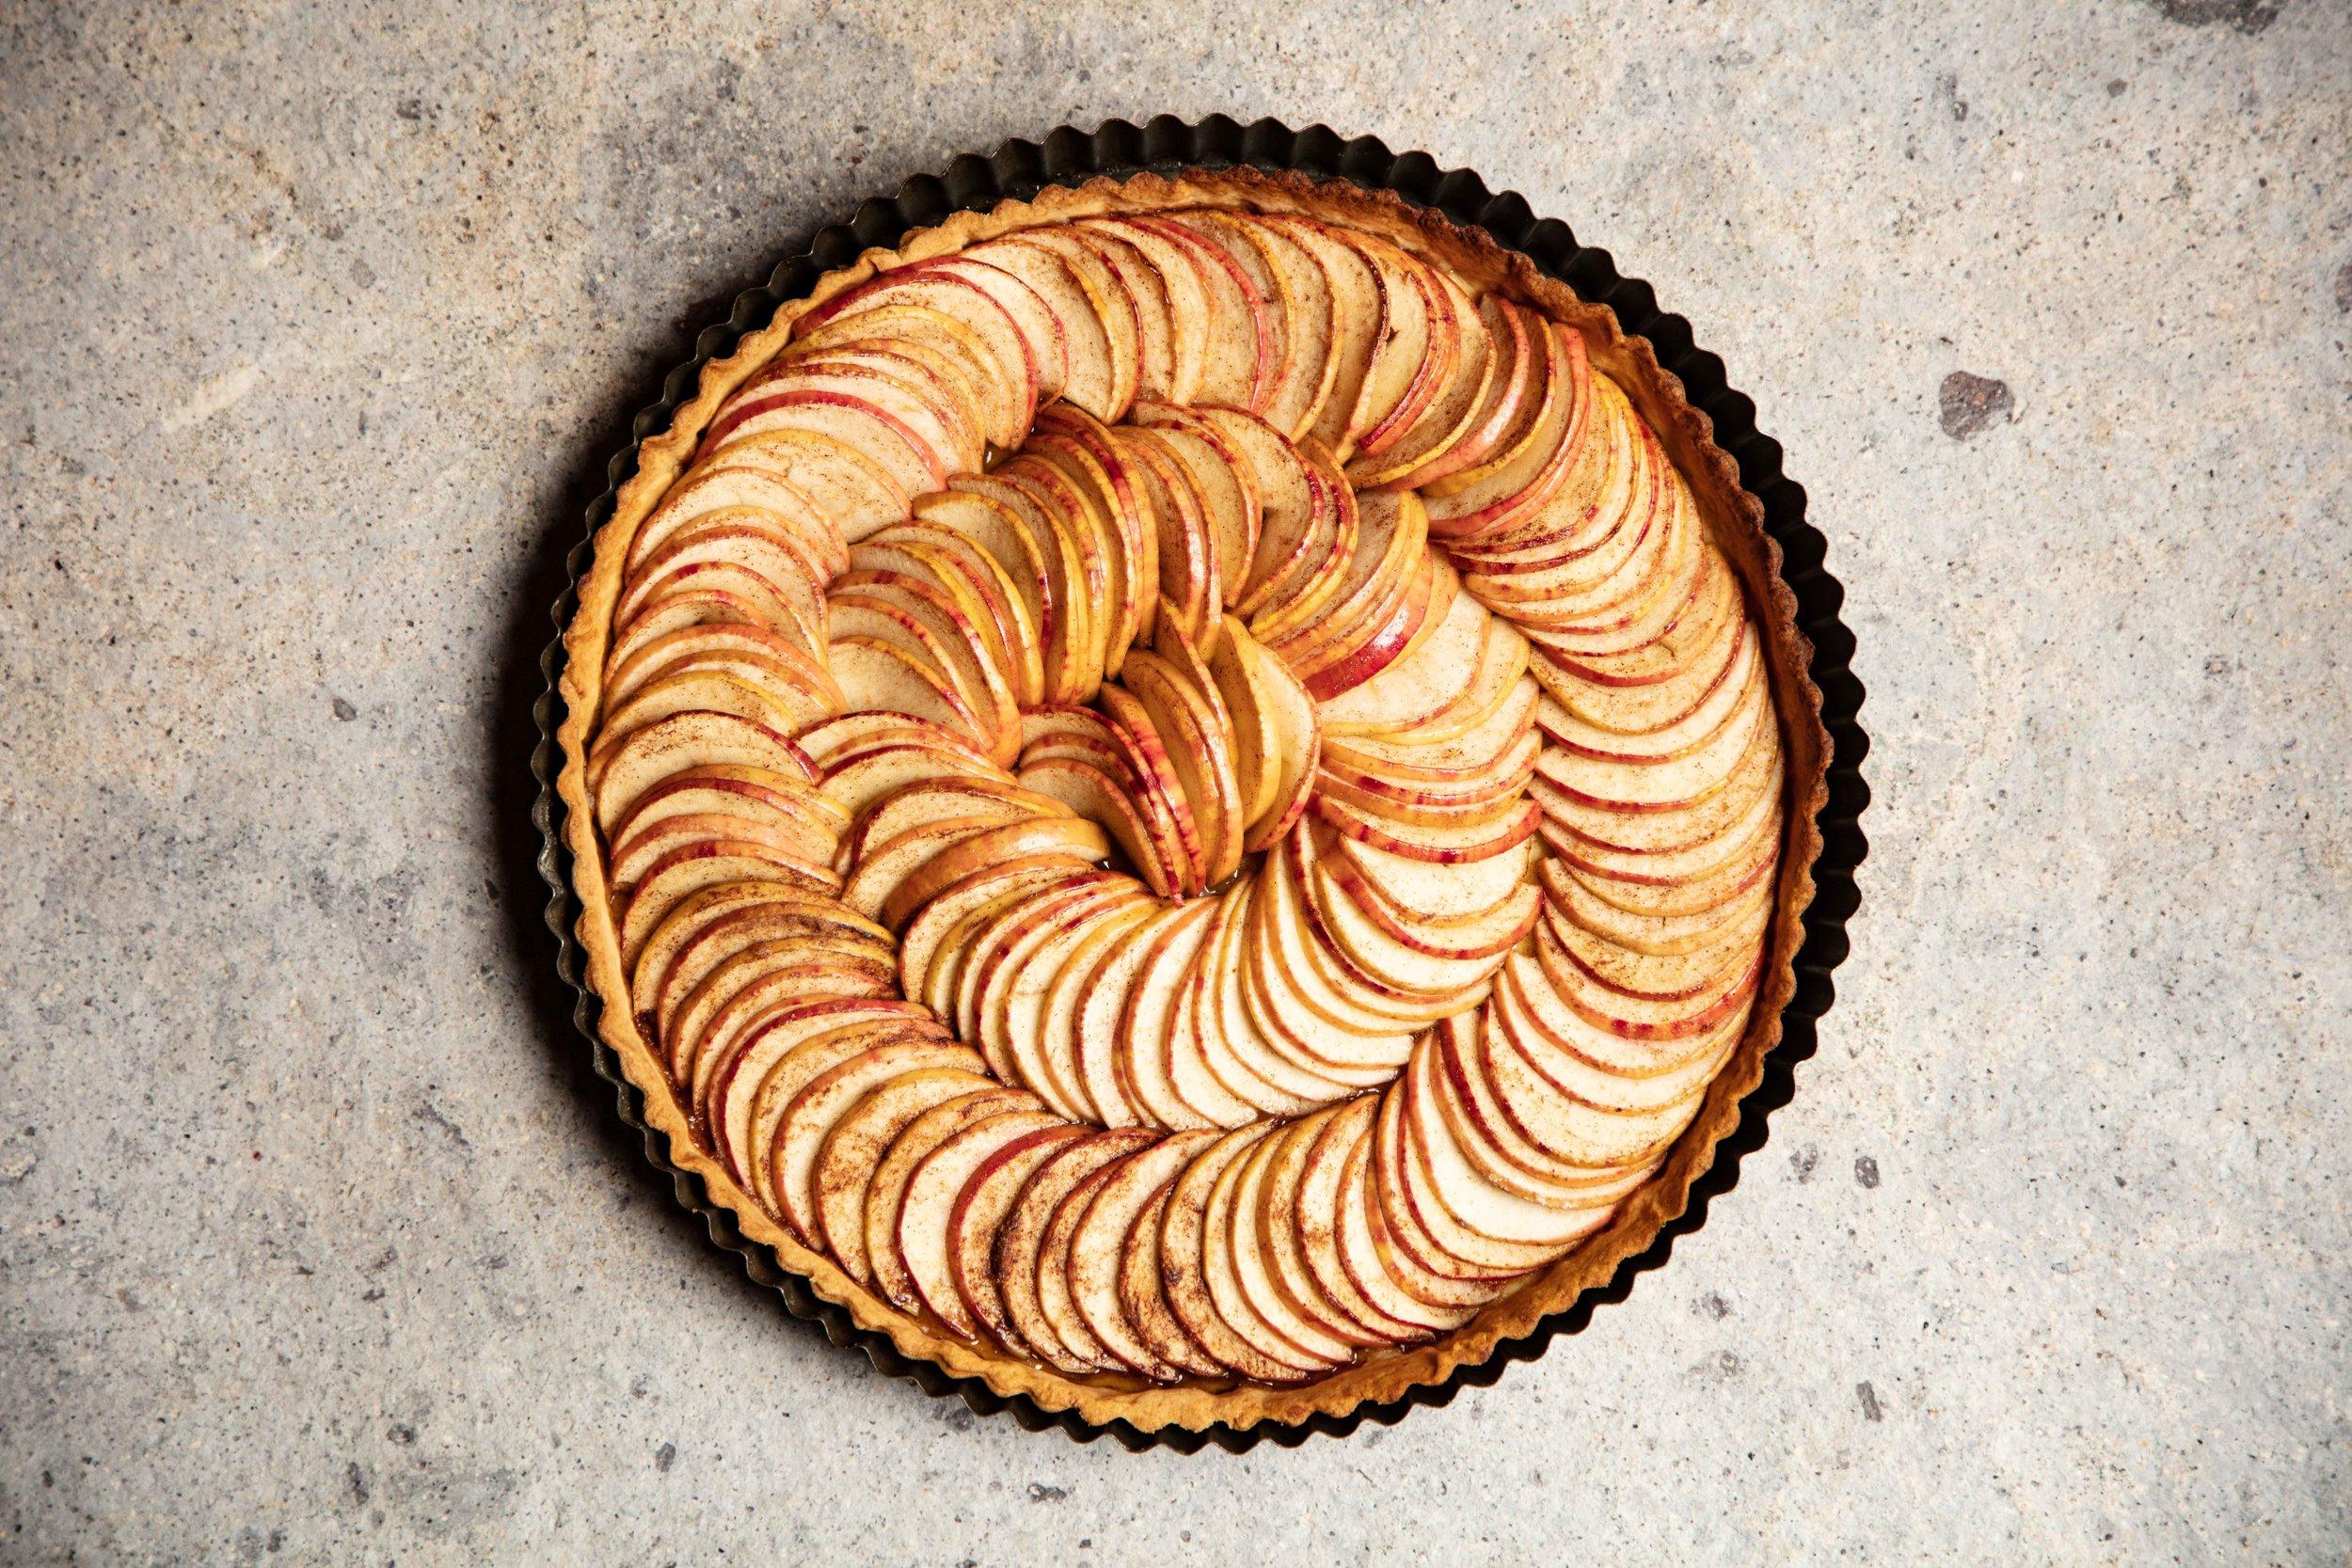 Apple Tart - apples packed.jpg